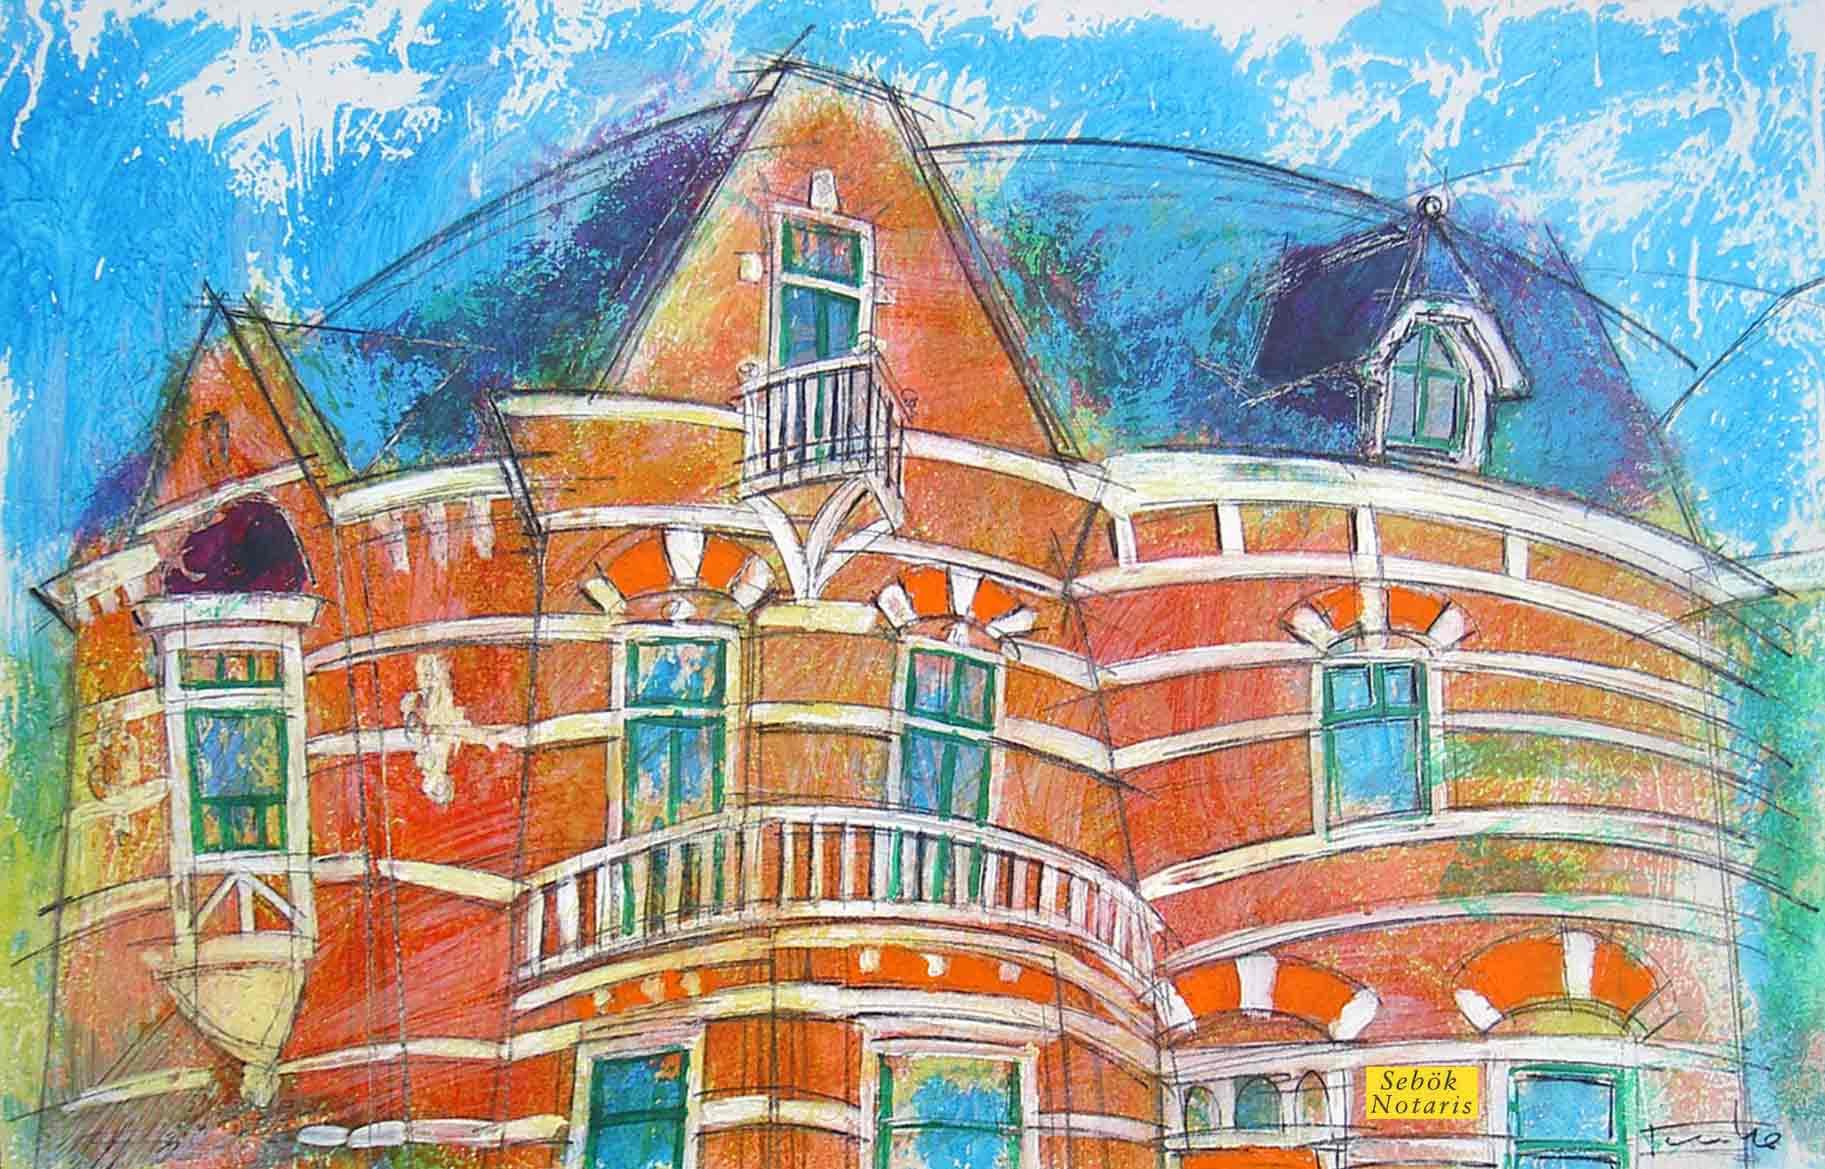 #1186BA23650800 Rinke Baaima Uw Huis Als Kunstwerk!! Meest effectief Design Meubelen Anna Paulownastraat Den Haag 1345 behang 182511691345 afbeeldingen